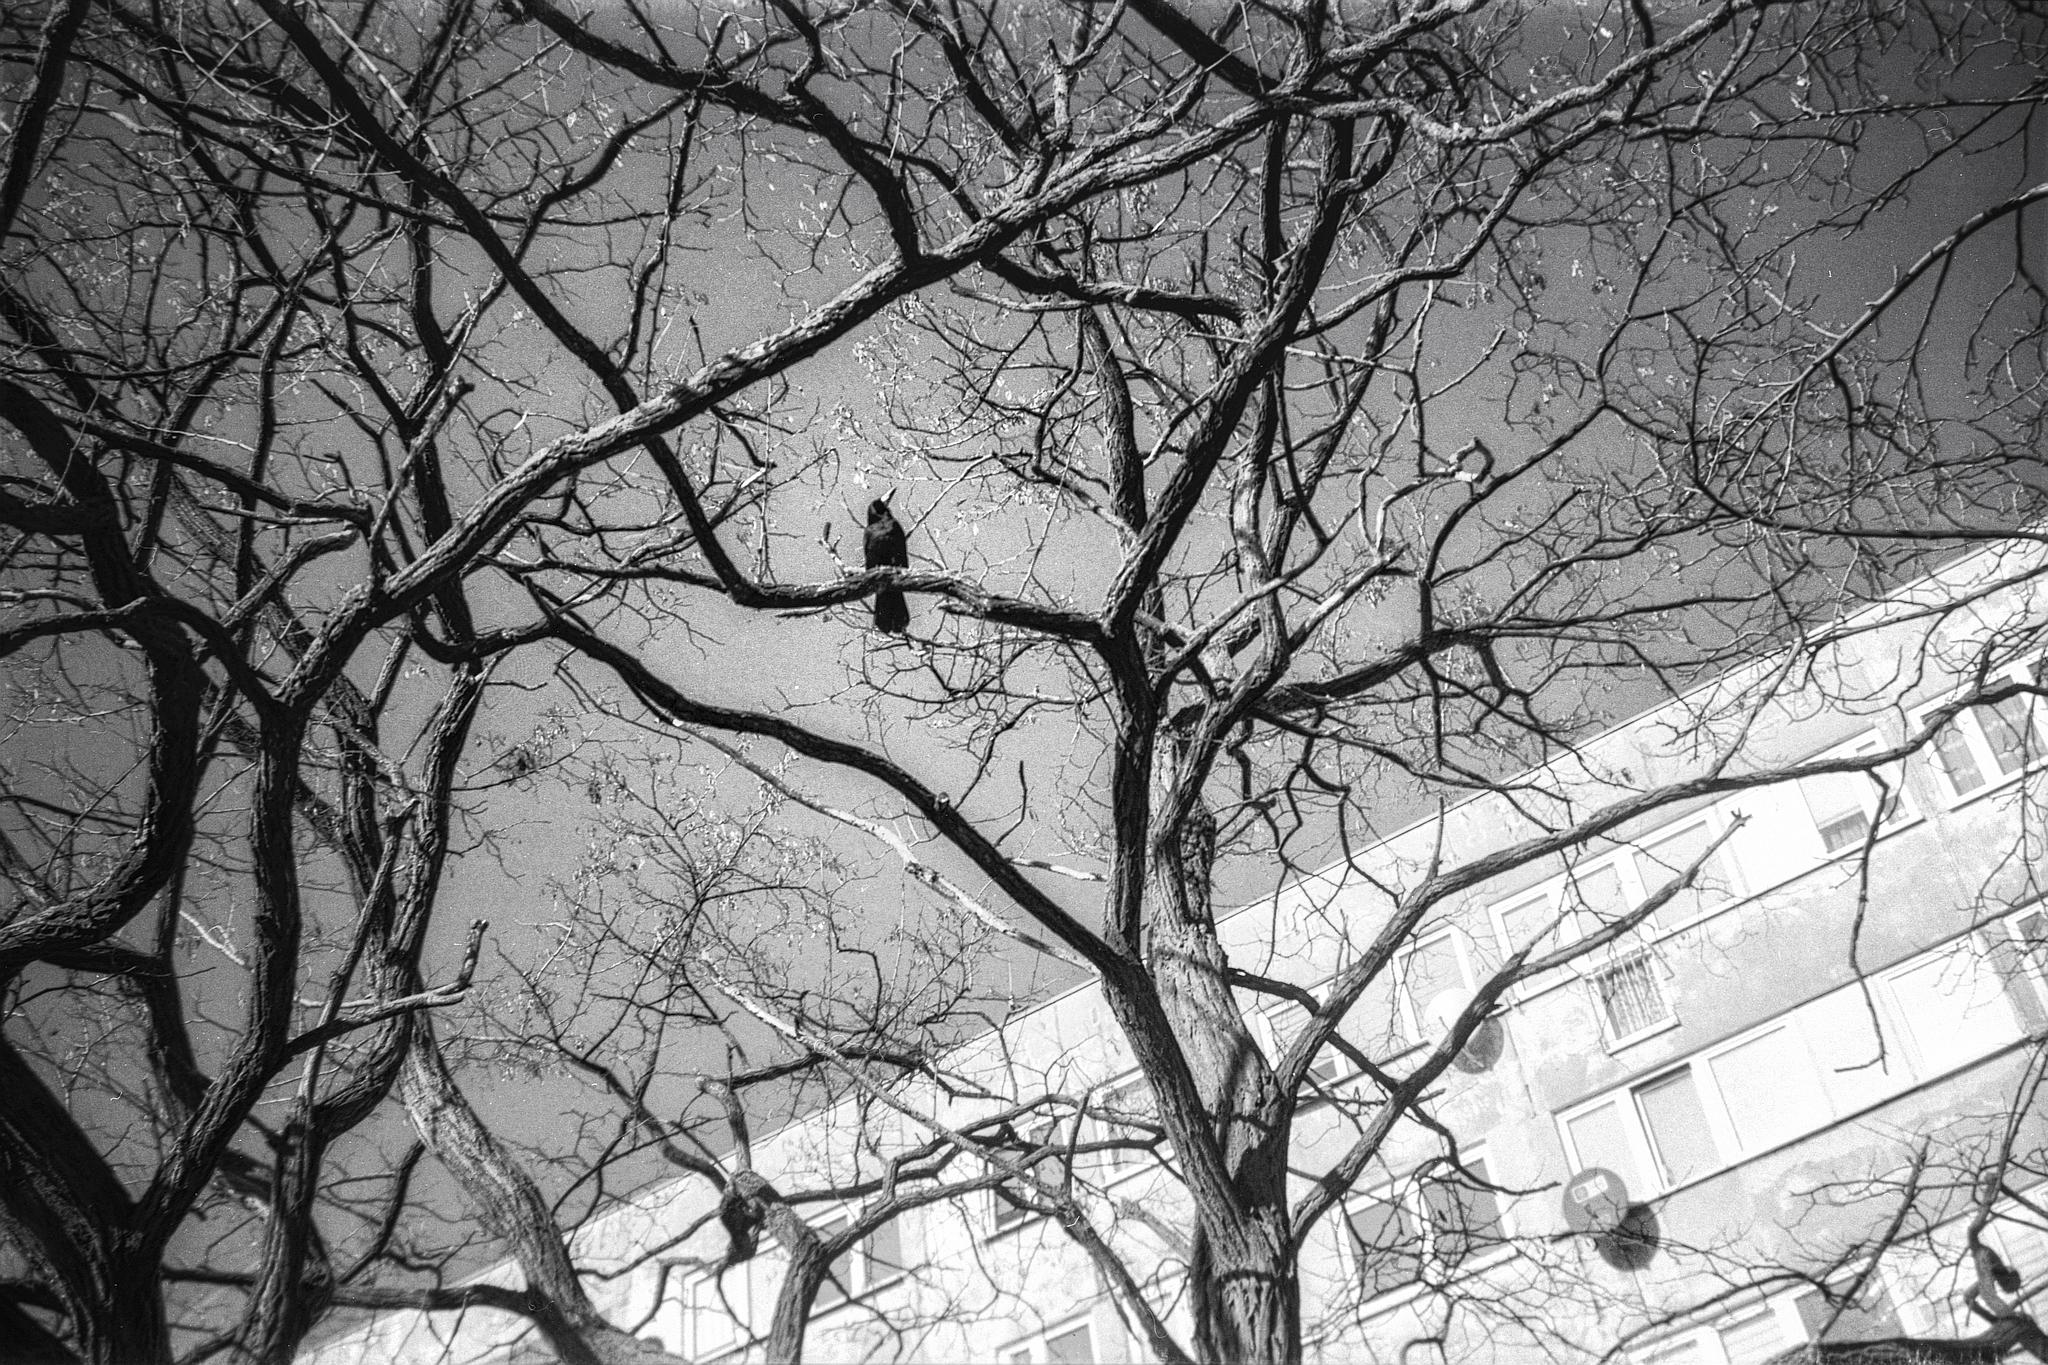 Krähe im Baum.